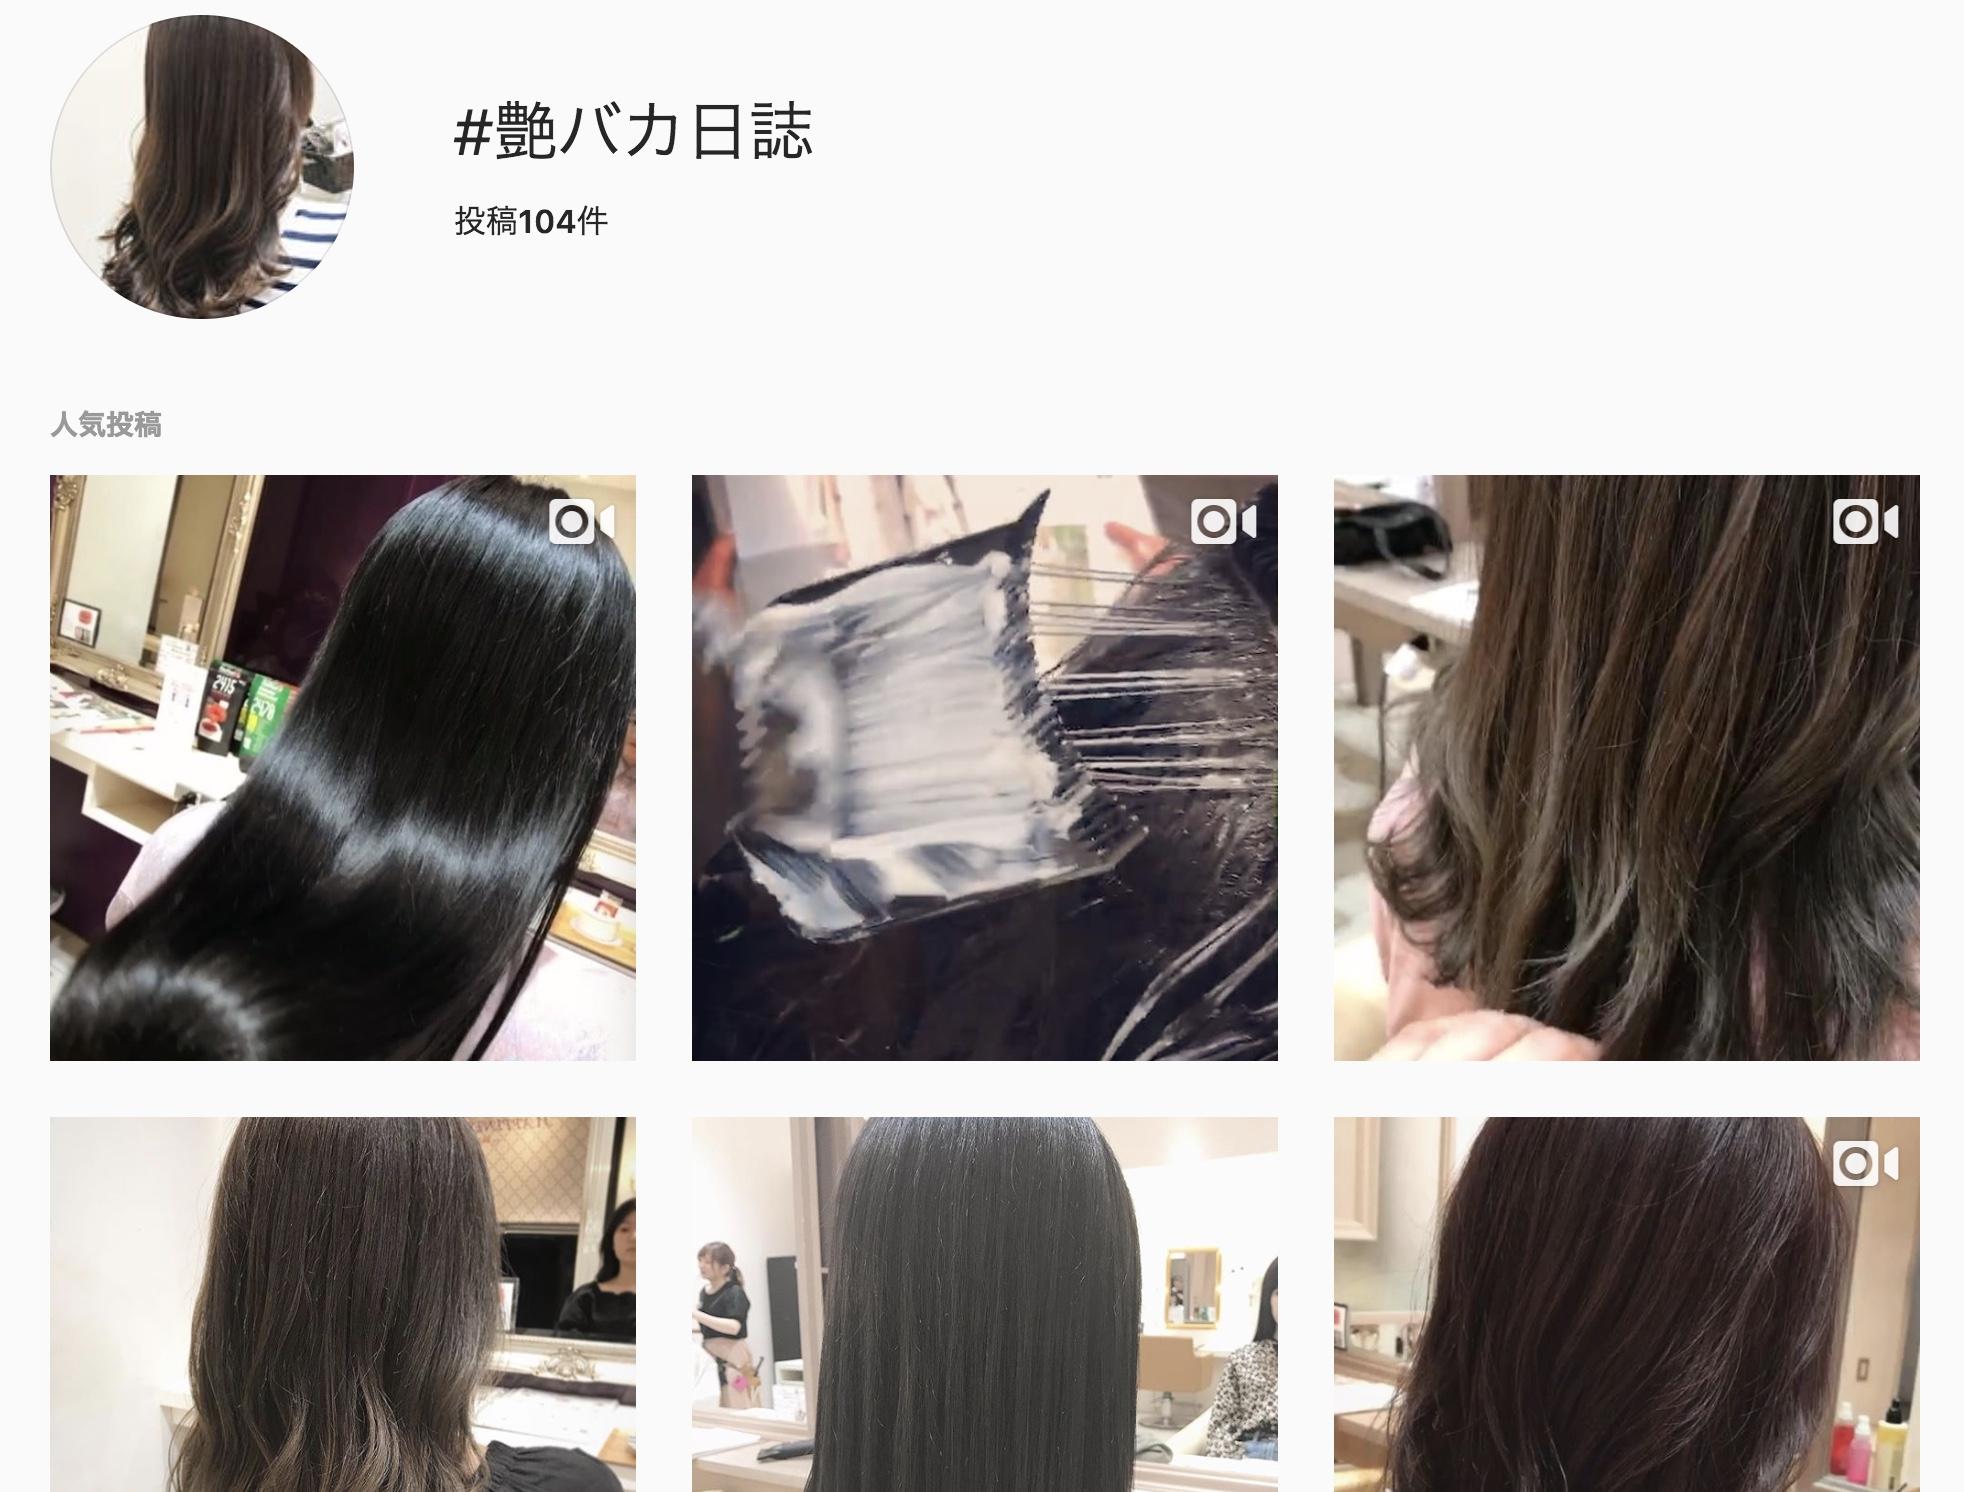 #艶バカ日誌